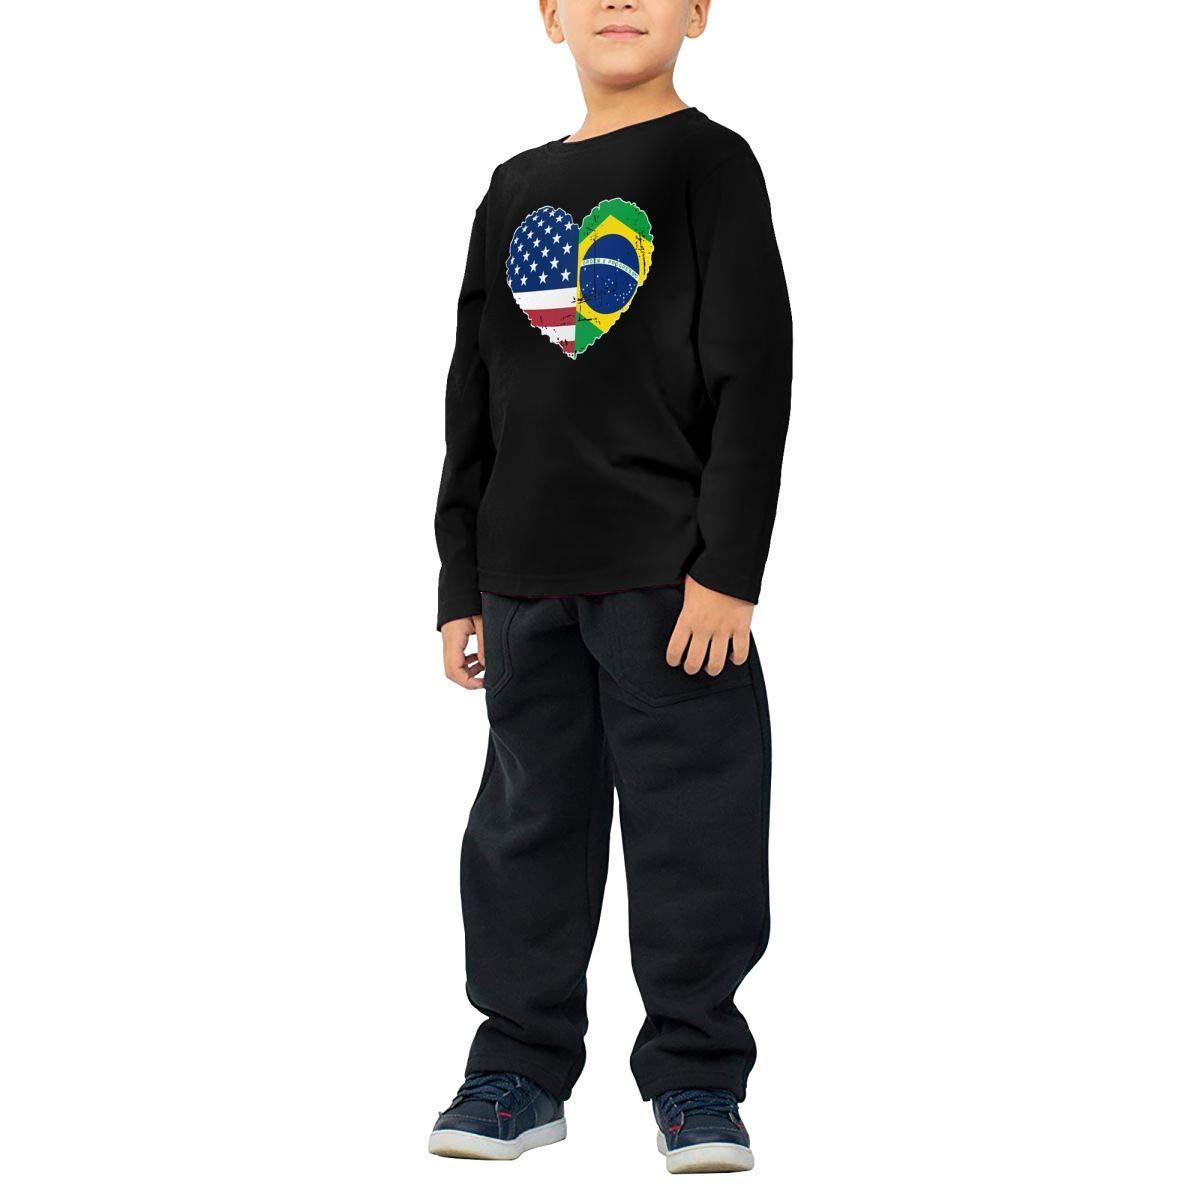 CERTONGCXTS Baby Girls Little Boys Brazil USA Flag Heart ComfortSoft Long Sleeve T-Shirt